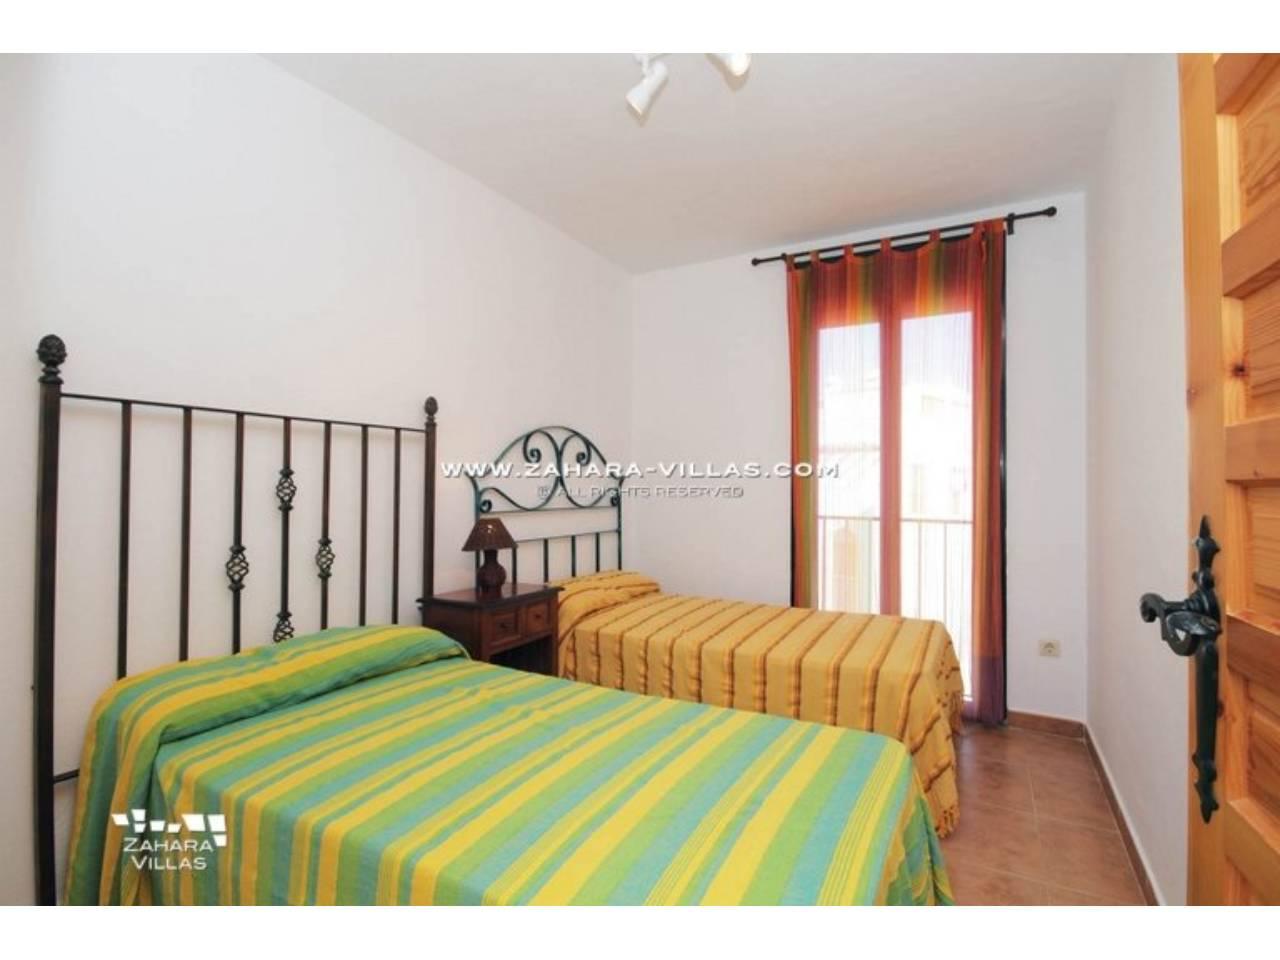 Imagen 6 de Magnifico Atico 4 dormitorios, 2 baños con plaza de garaje